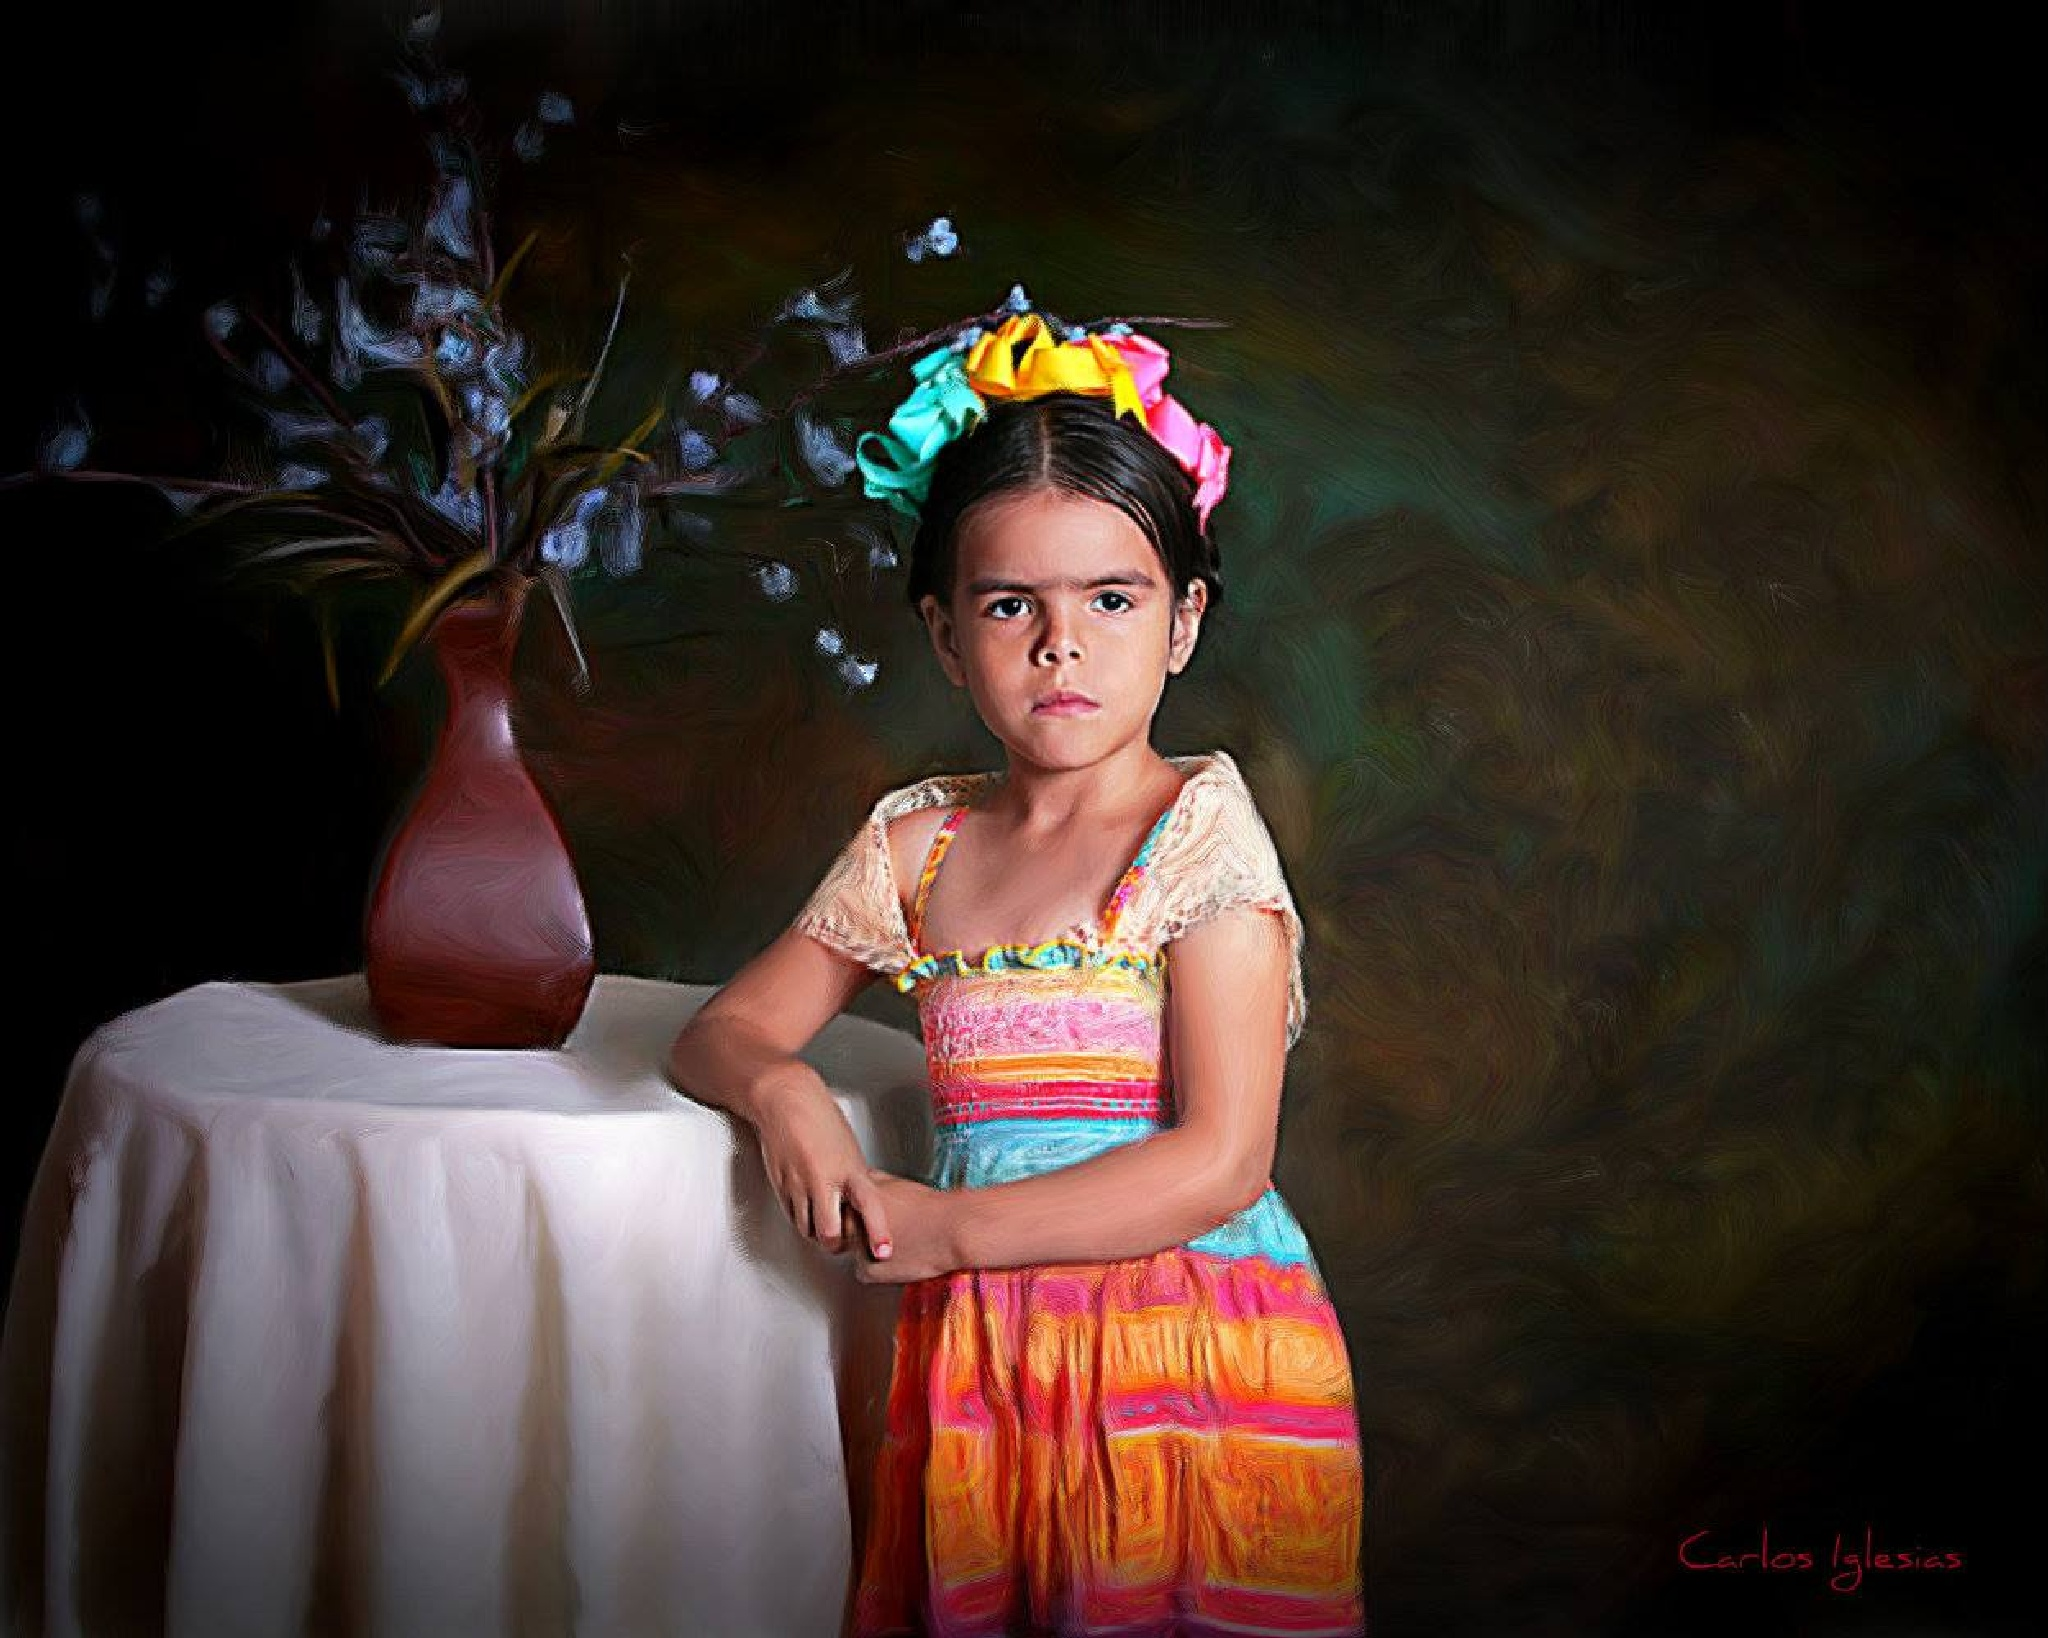 Little Frida by Carlos Iglesias